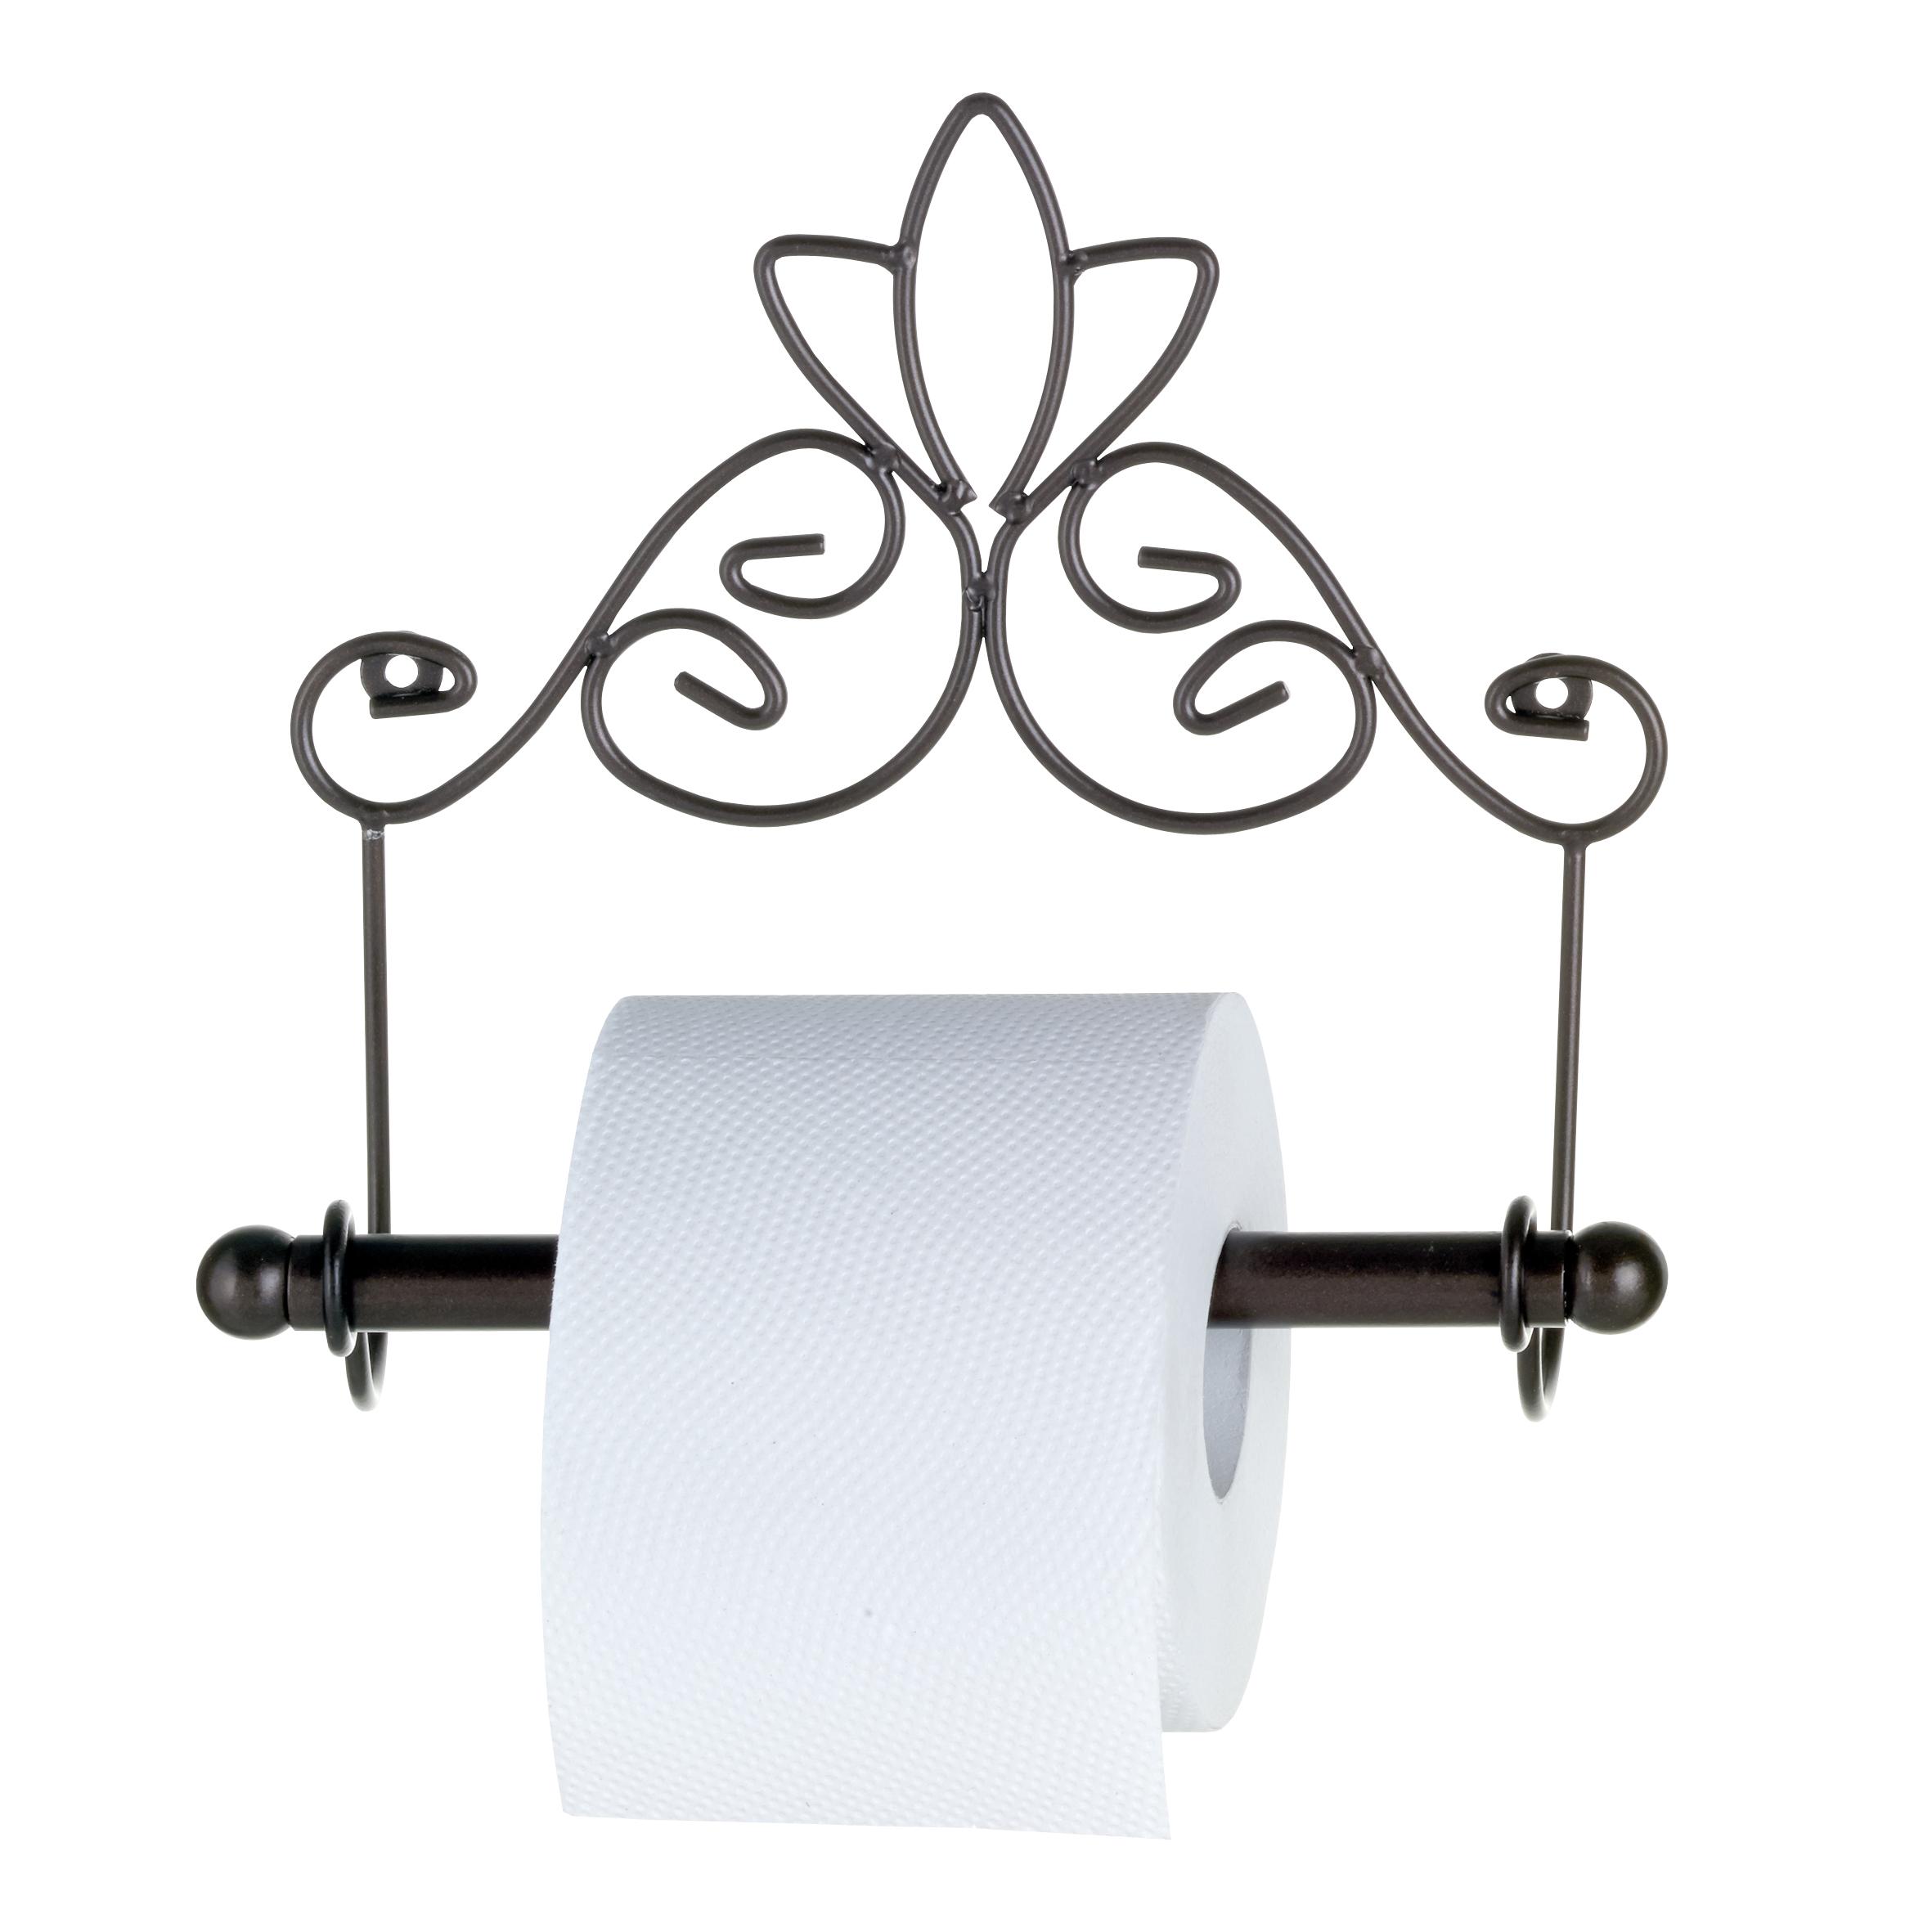 Badserie * NOSTALGIE * Duschregal Handtuchhaken WC-Garnitur ...